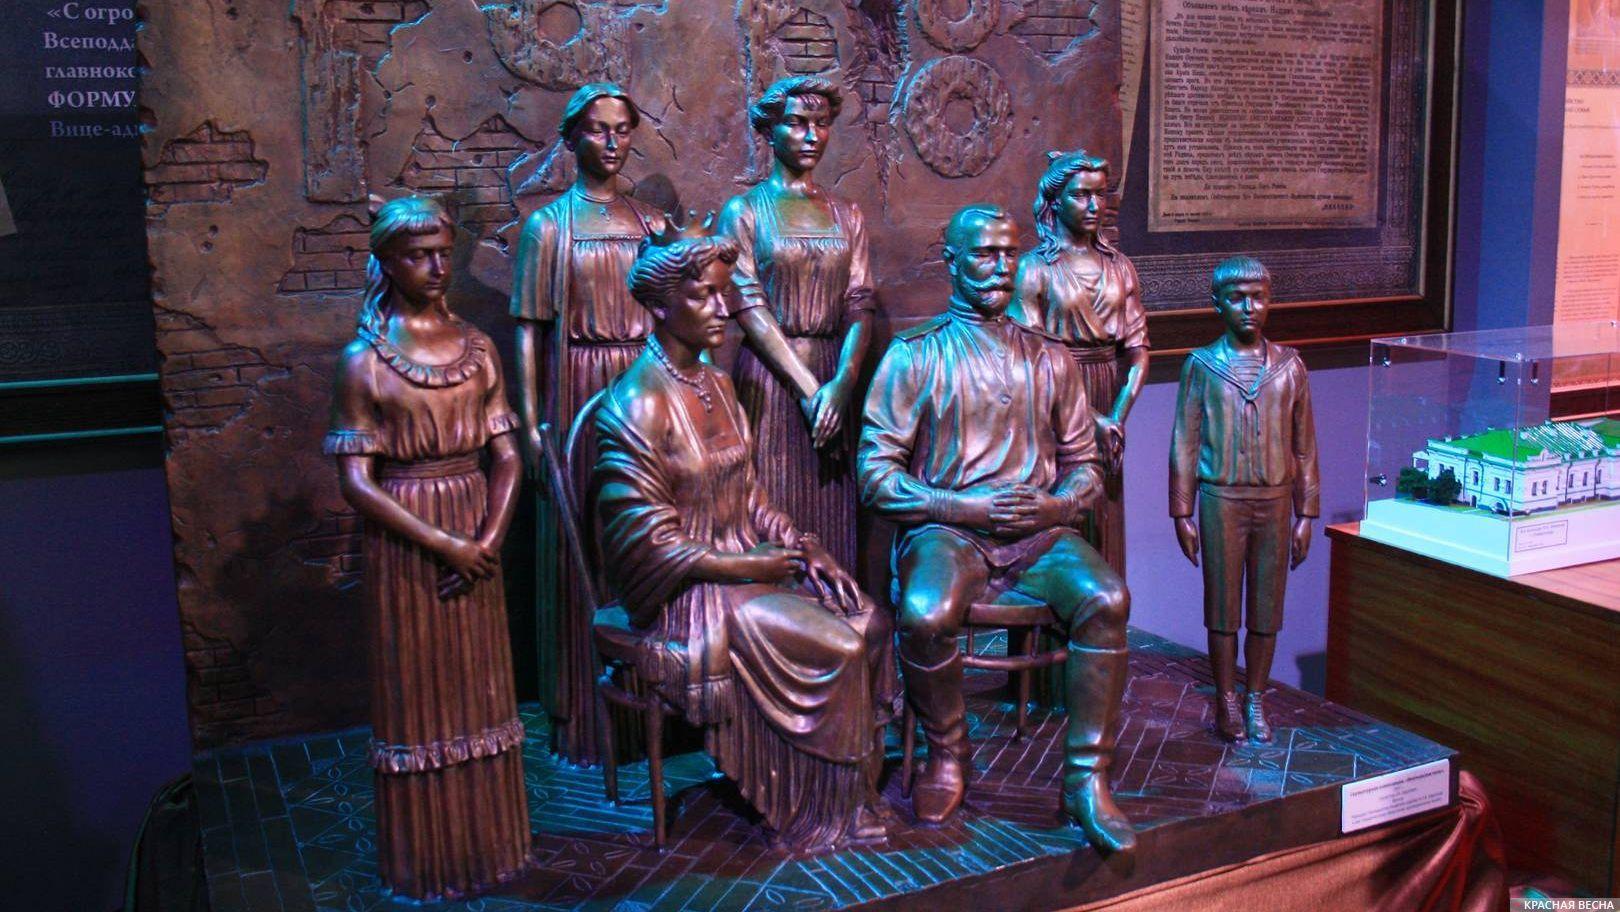 Уменьшенная копия скульптурной композиции царской семьи.